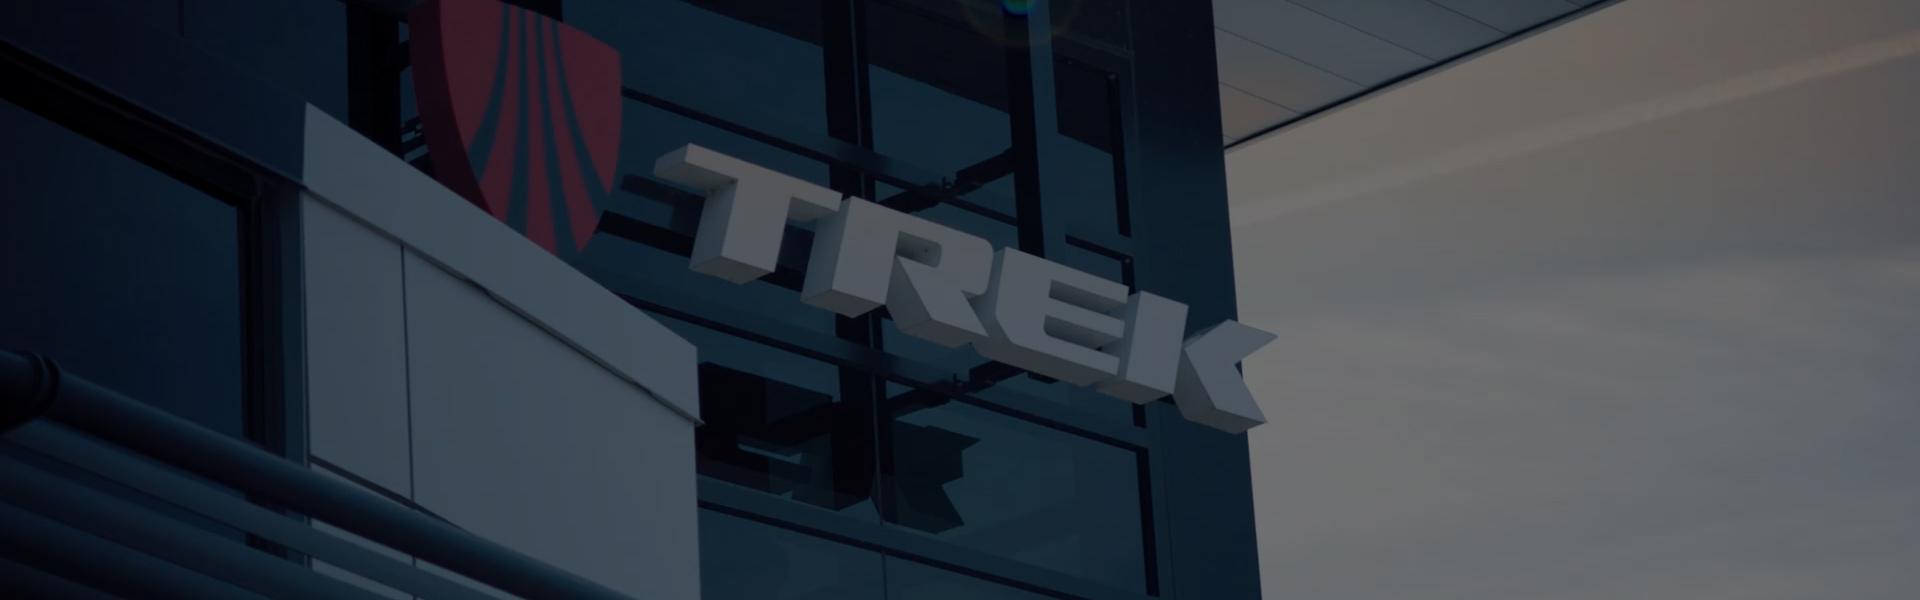 סרטון אודות Trek